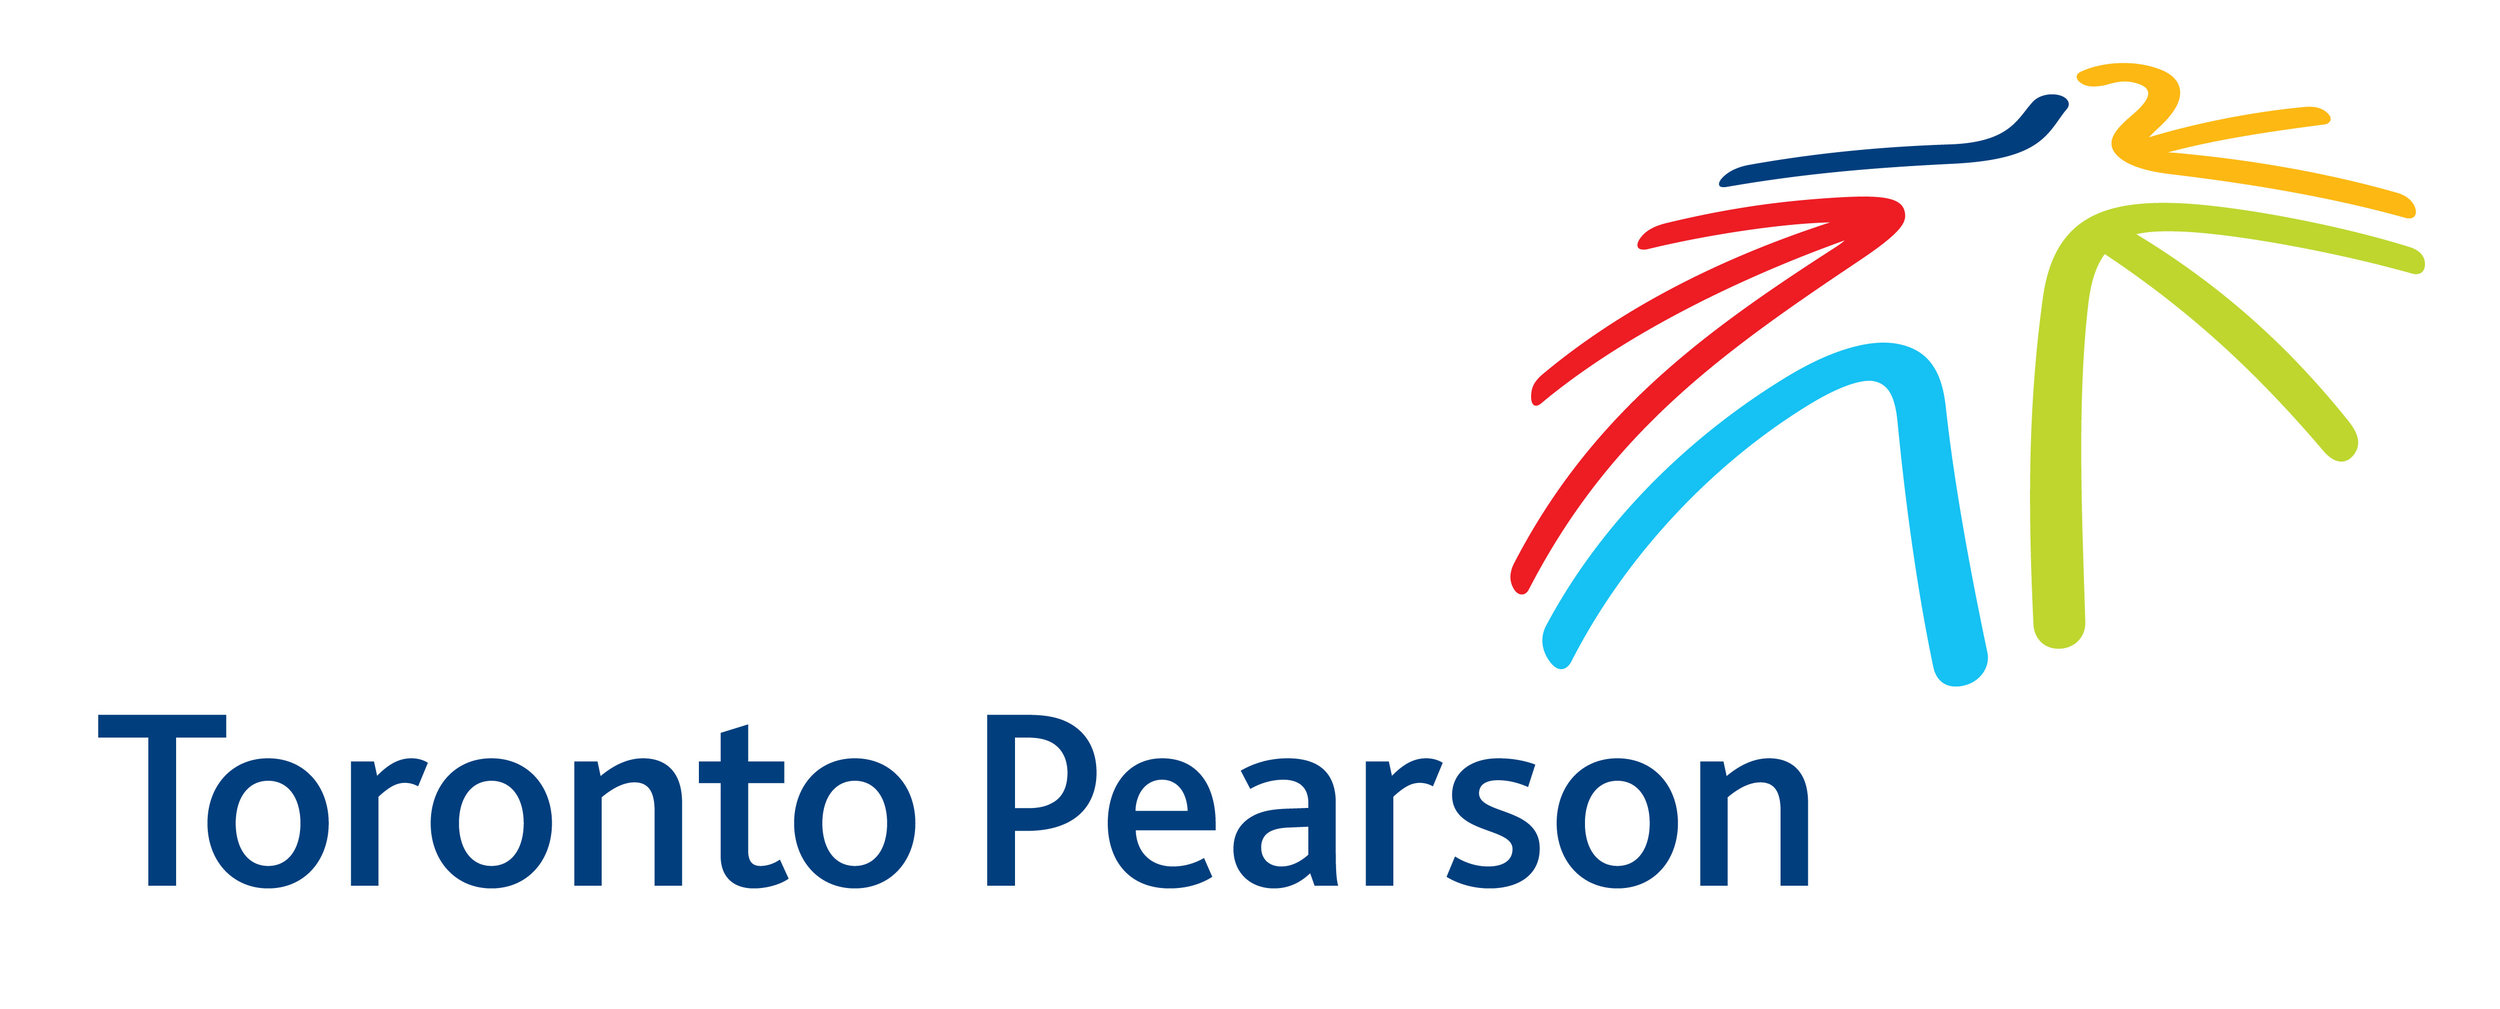 GTAA-TP_logo_horz.jpg